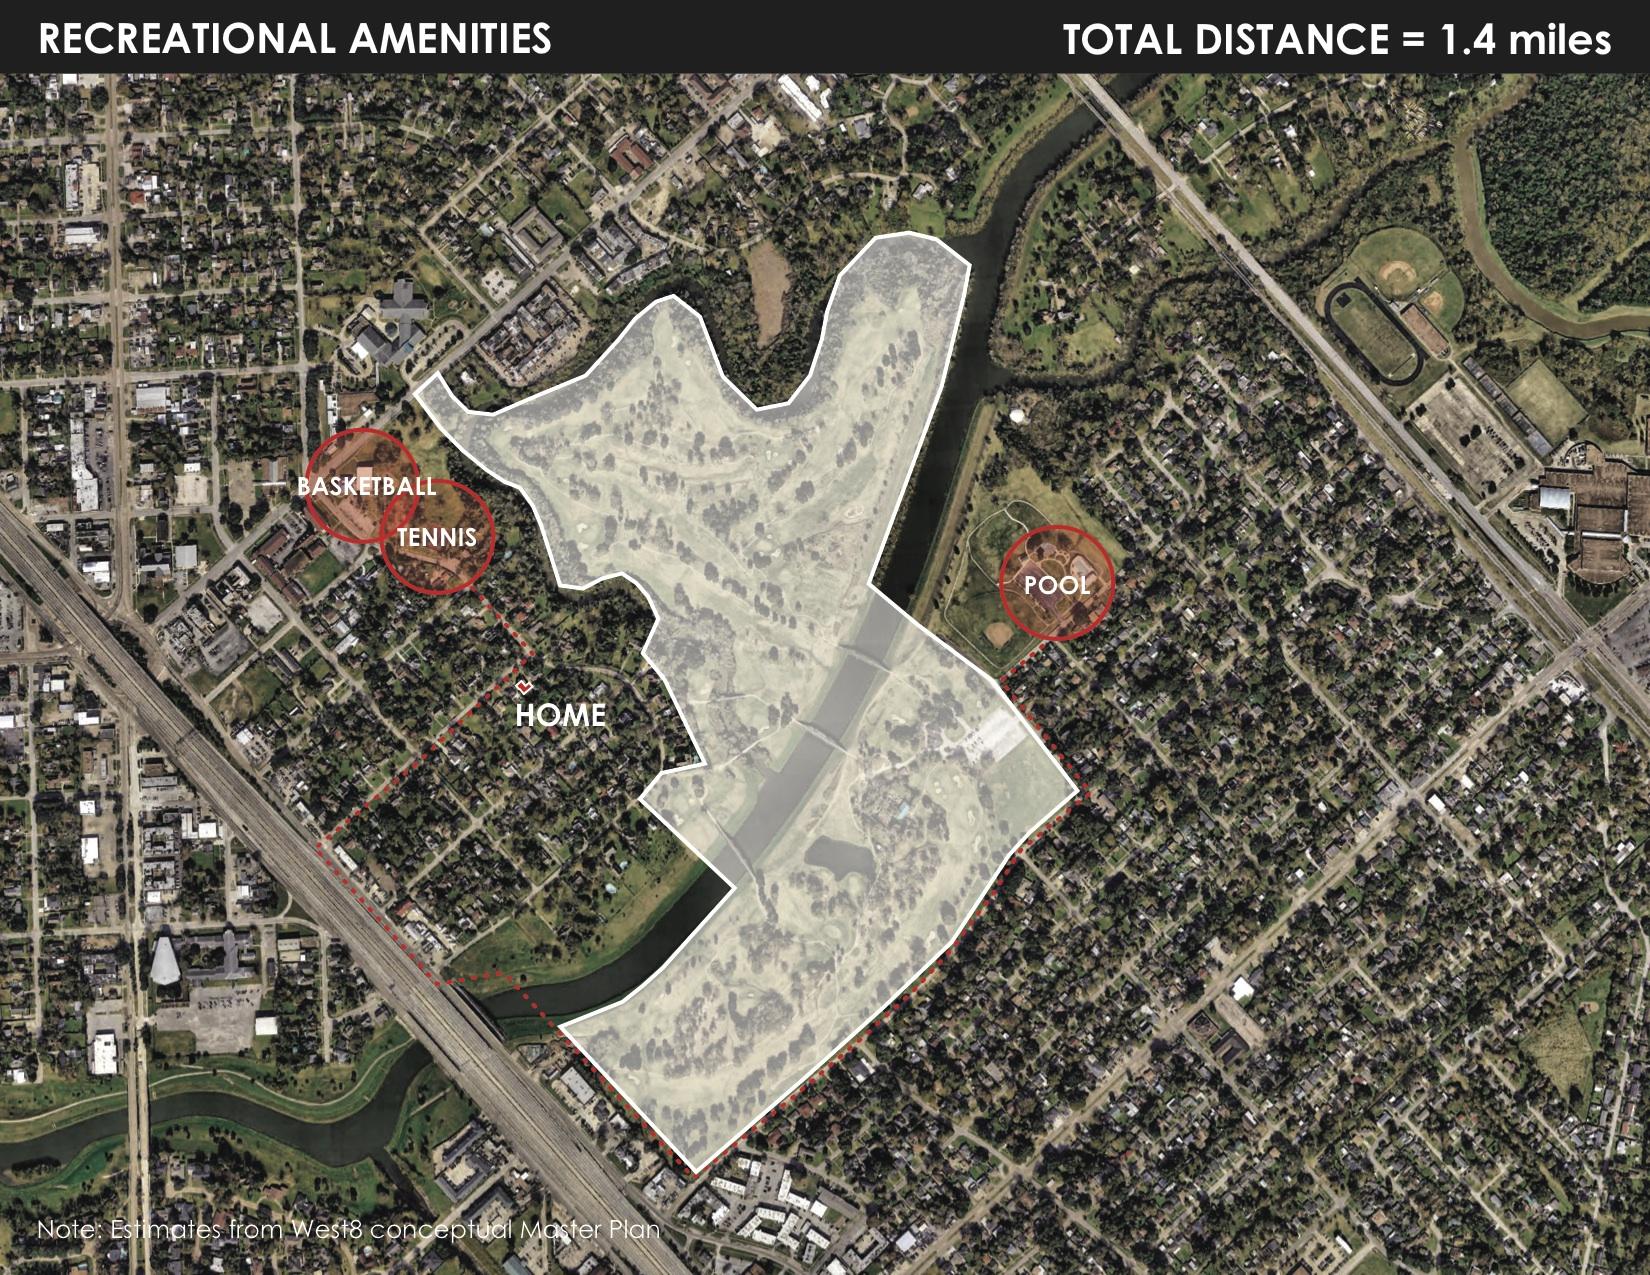 Garden Design Houston houston botanic gardens: enhancement or loss of park space